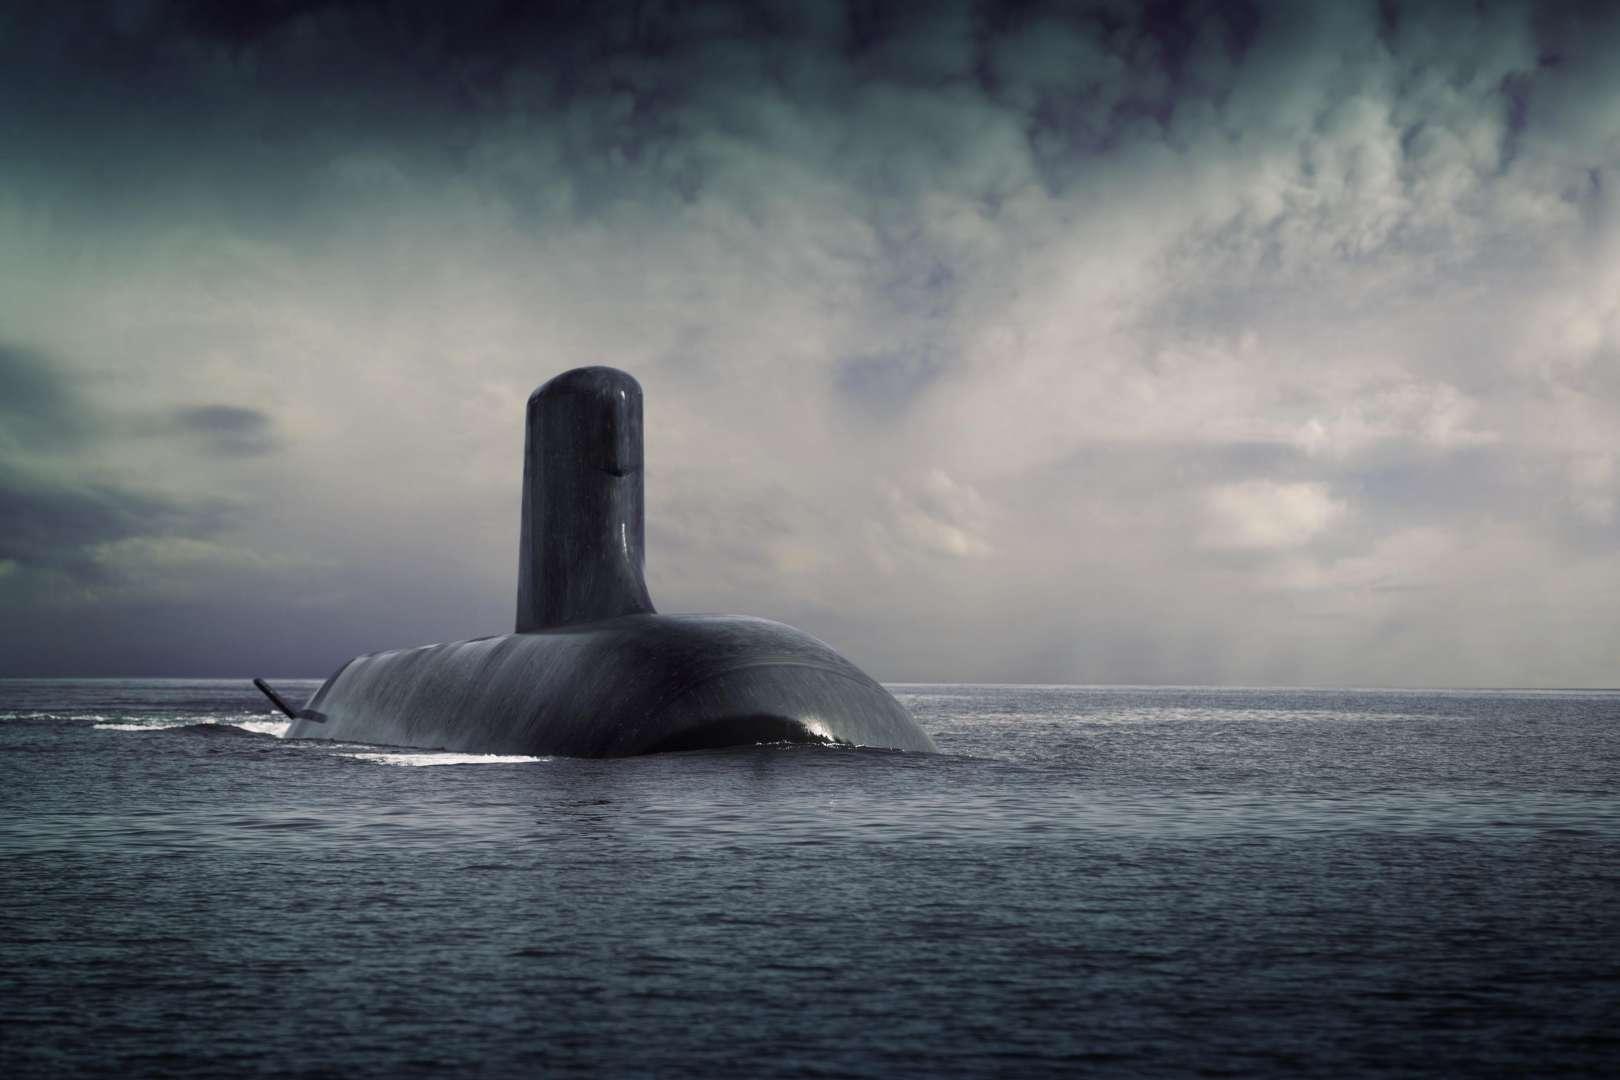 DCNS Cherbourg «centre nerveux» du programme de conception de sous-marins pour l'Australie